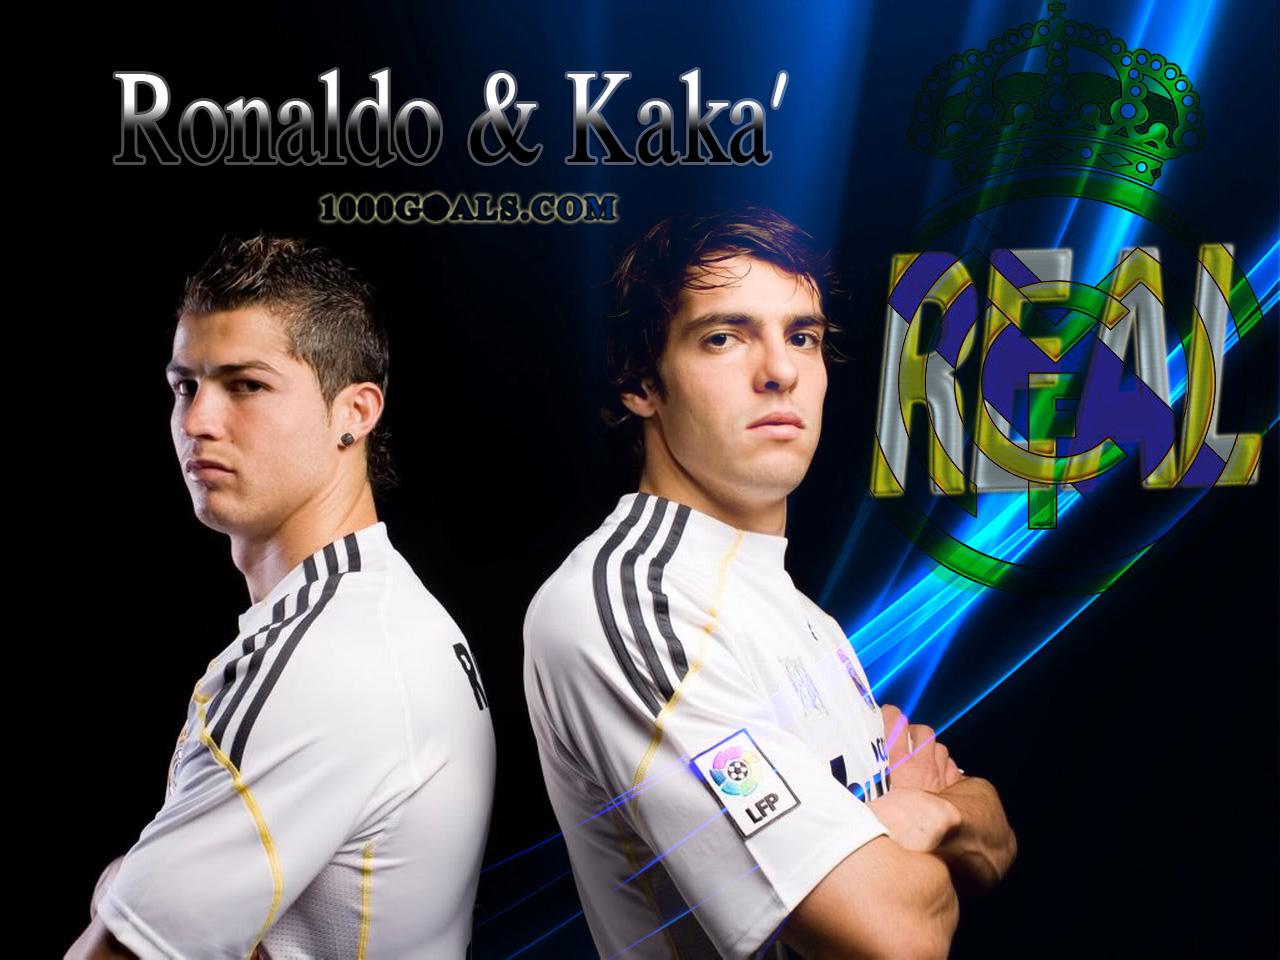 http://4.bp.blogspot.com/-5Pk1KSh9XOs/TiWa0hOxbcI/AAAAAAAAAD8/YqqO_84Fpn0/s1600/Cristiano_Ronaldo-Kaka-_Real-Madrid.jpg